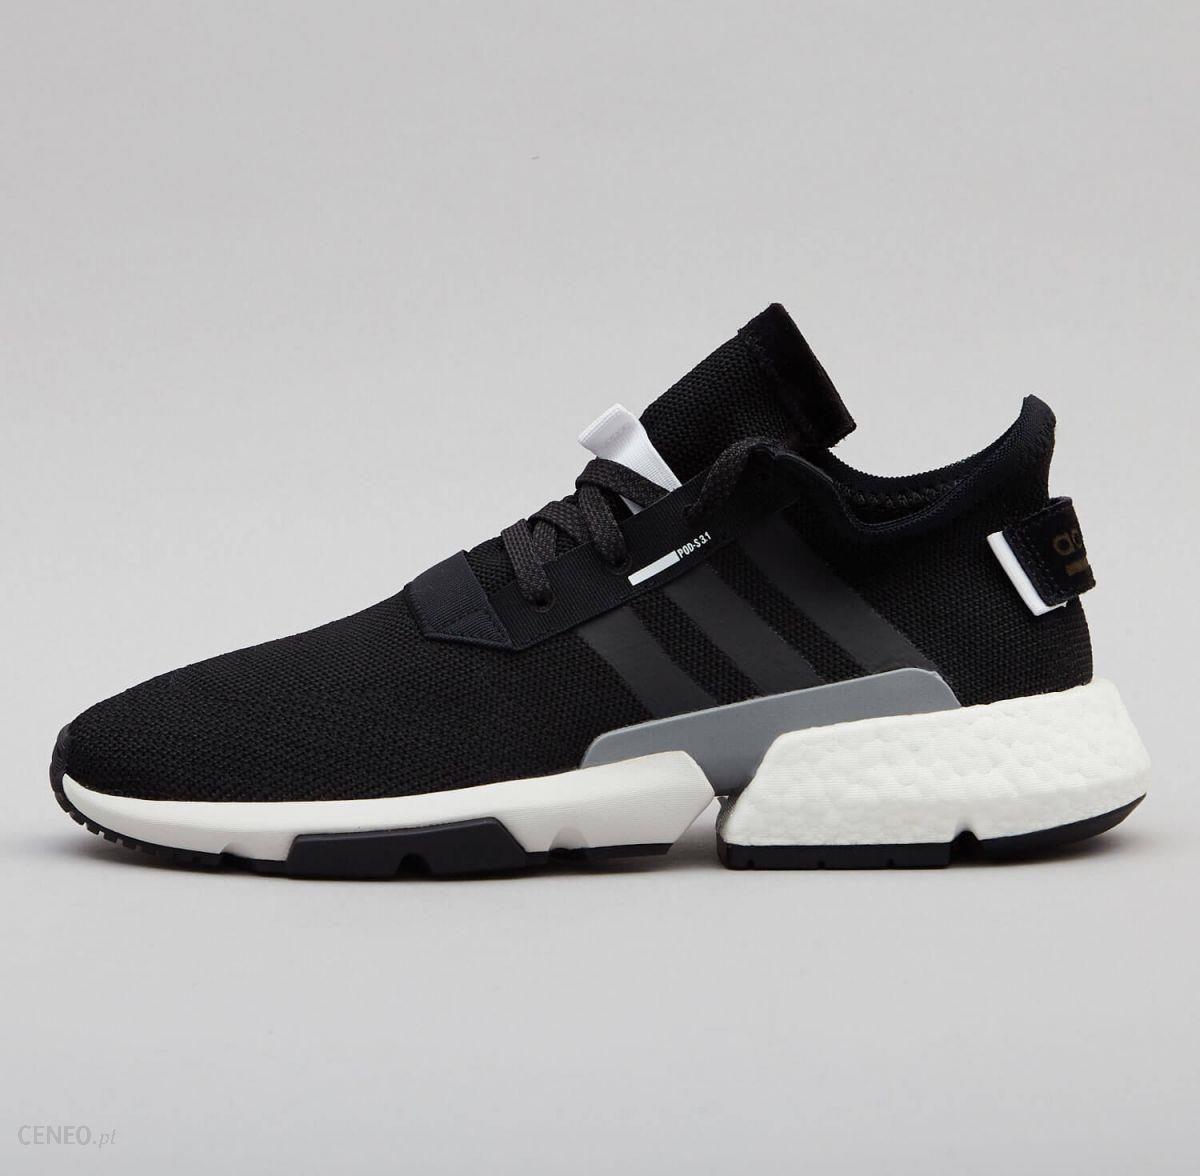 Adidas BUTY POD S3.1 BD7737 Ceny i opinie Ceneo.pl